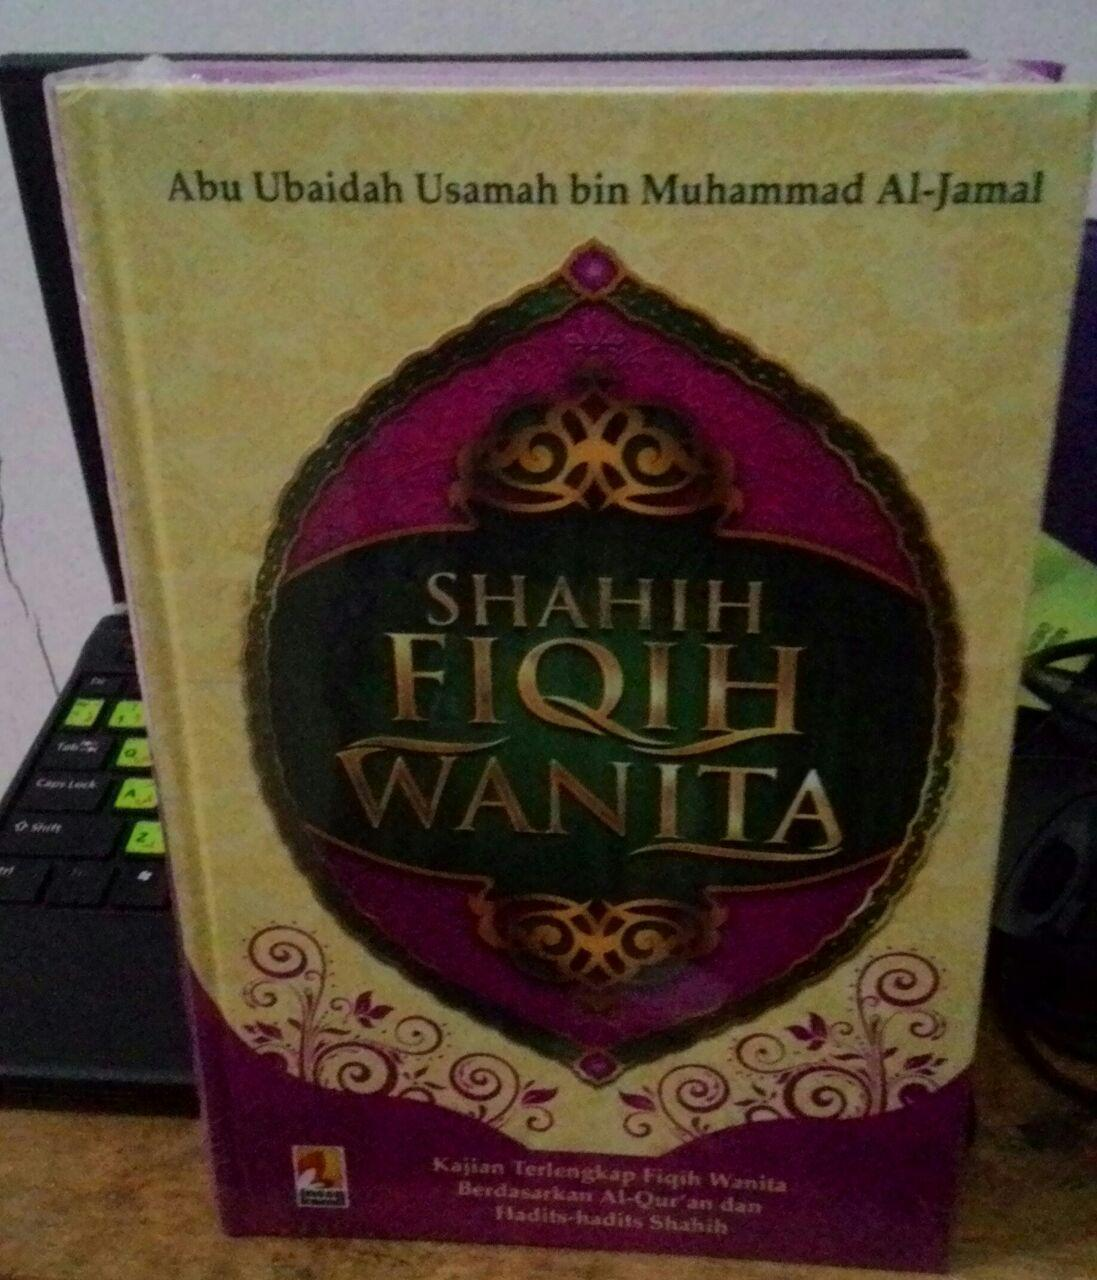 Shahih Fiqih Wanita Syaikh Abu Ubaidah Usamah